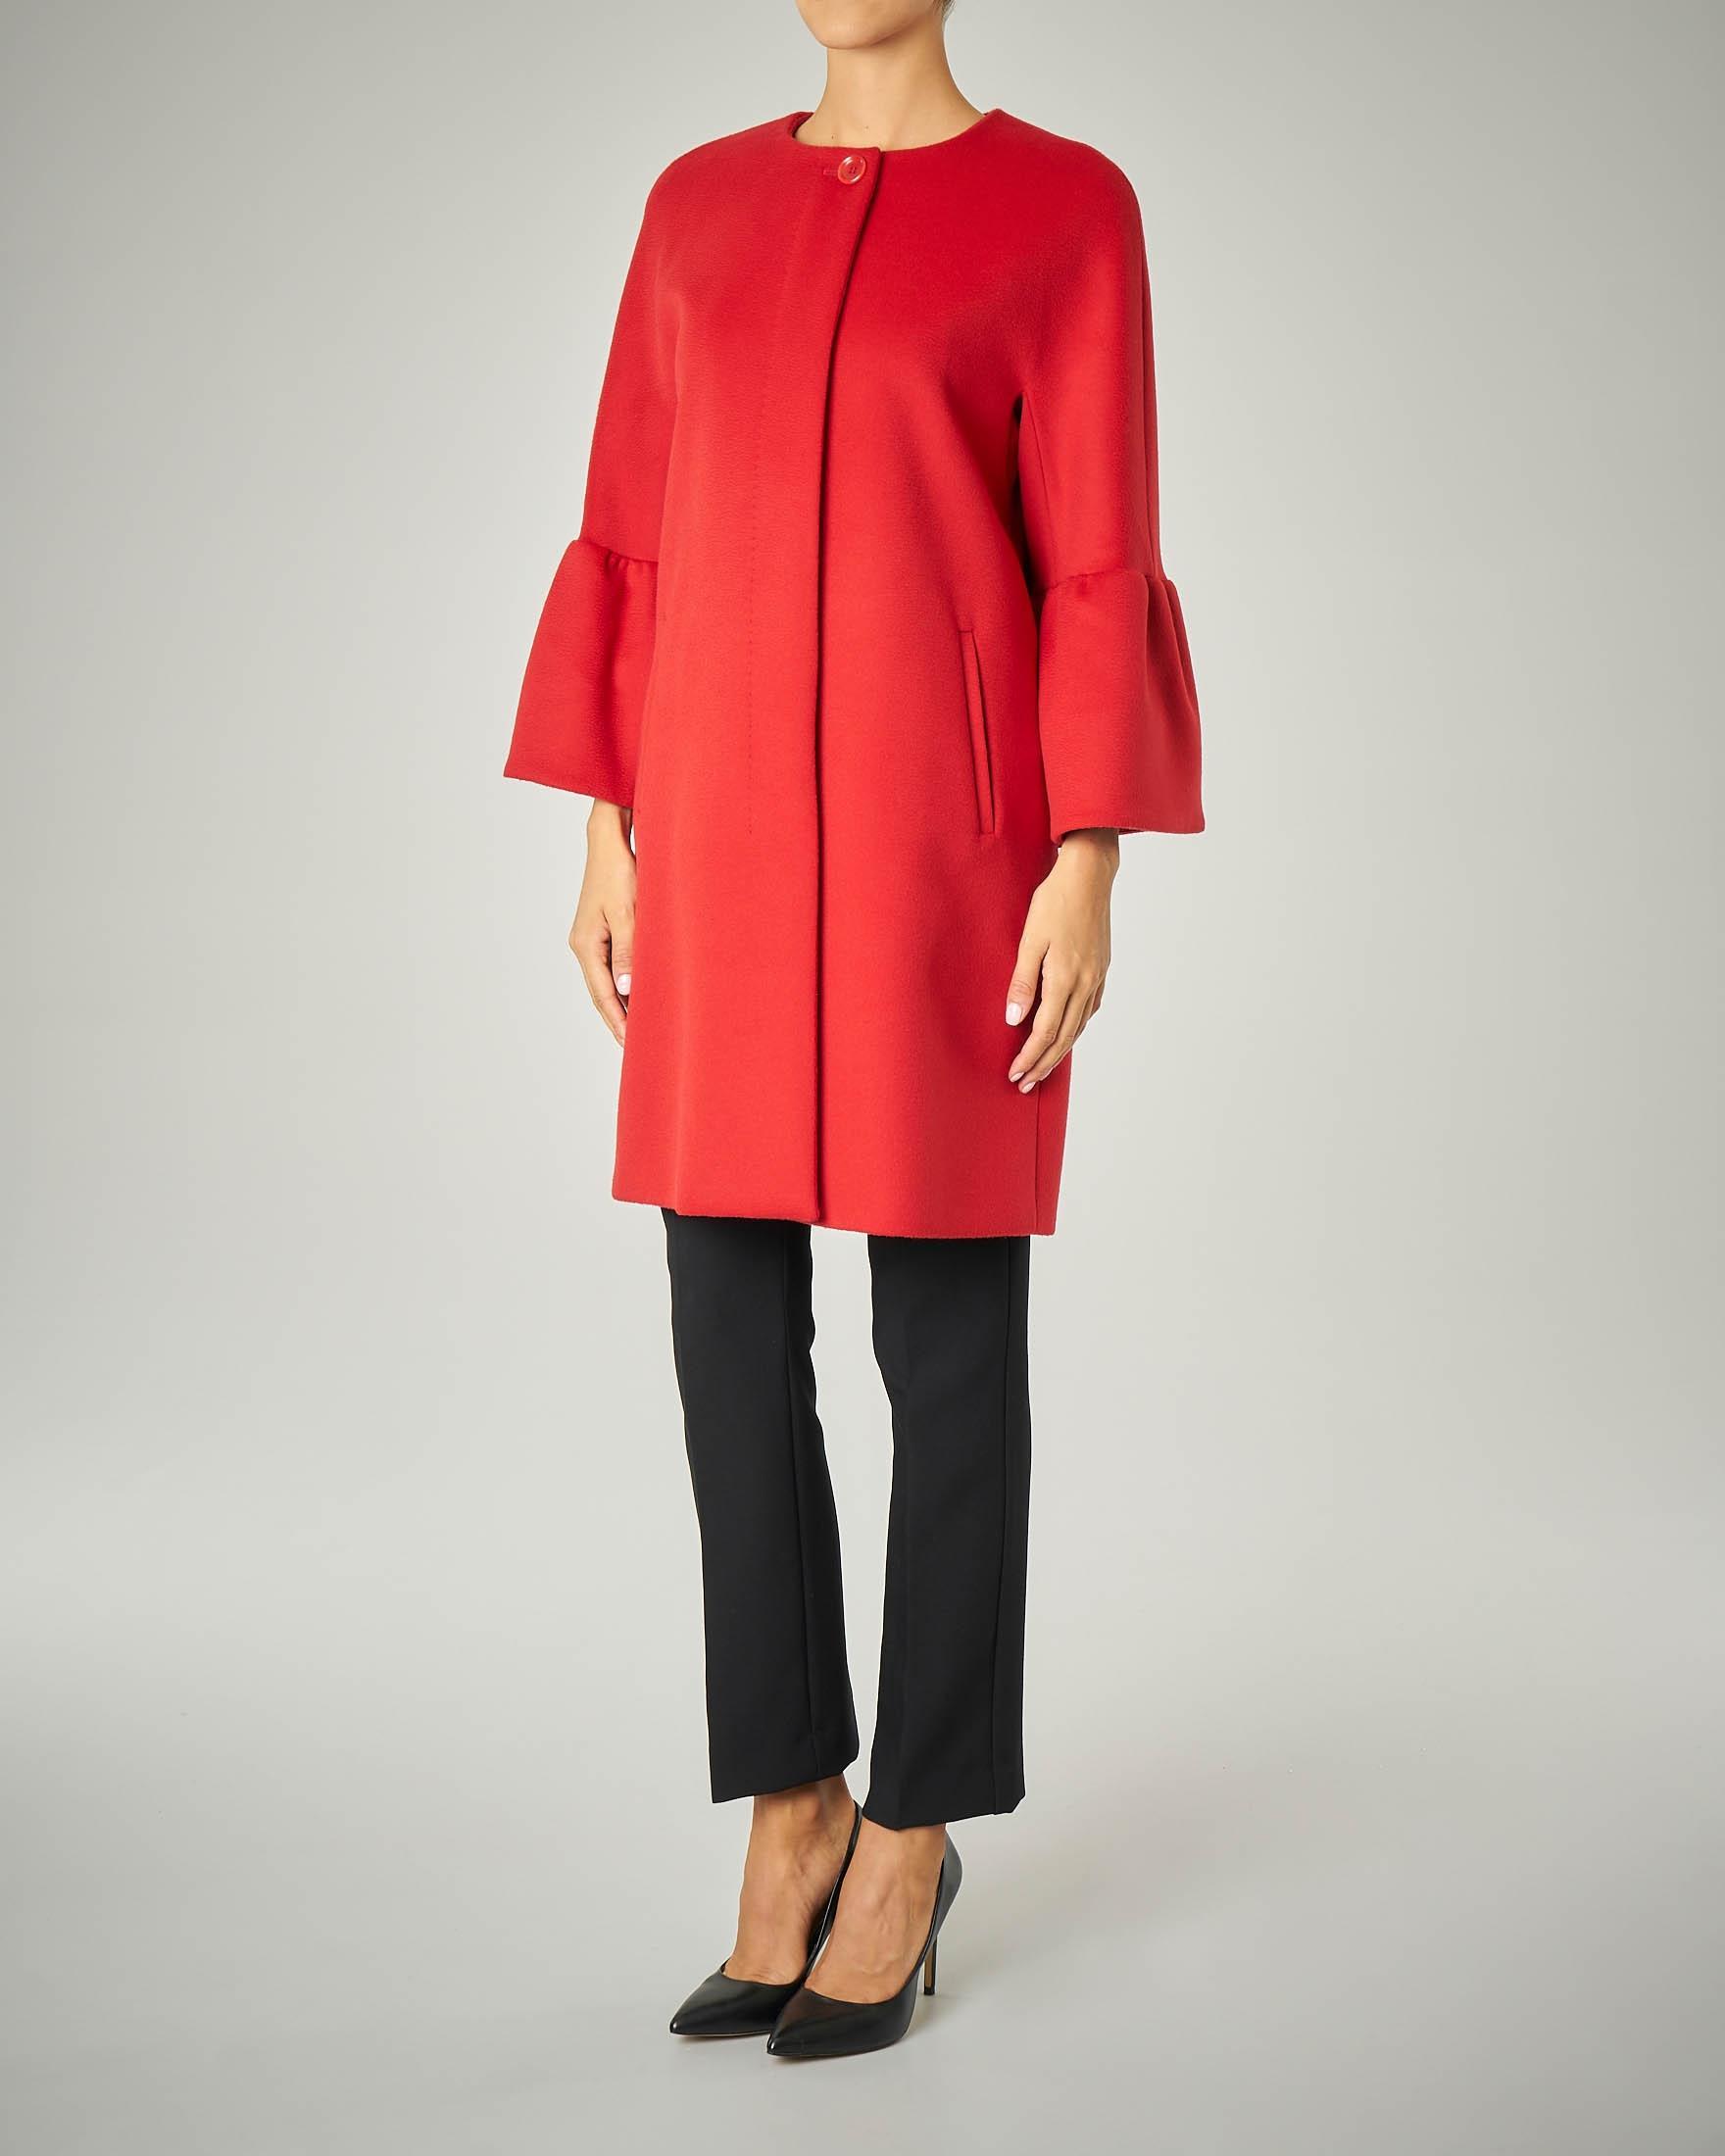 Cappotto rosso con maniche a corolla